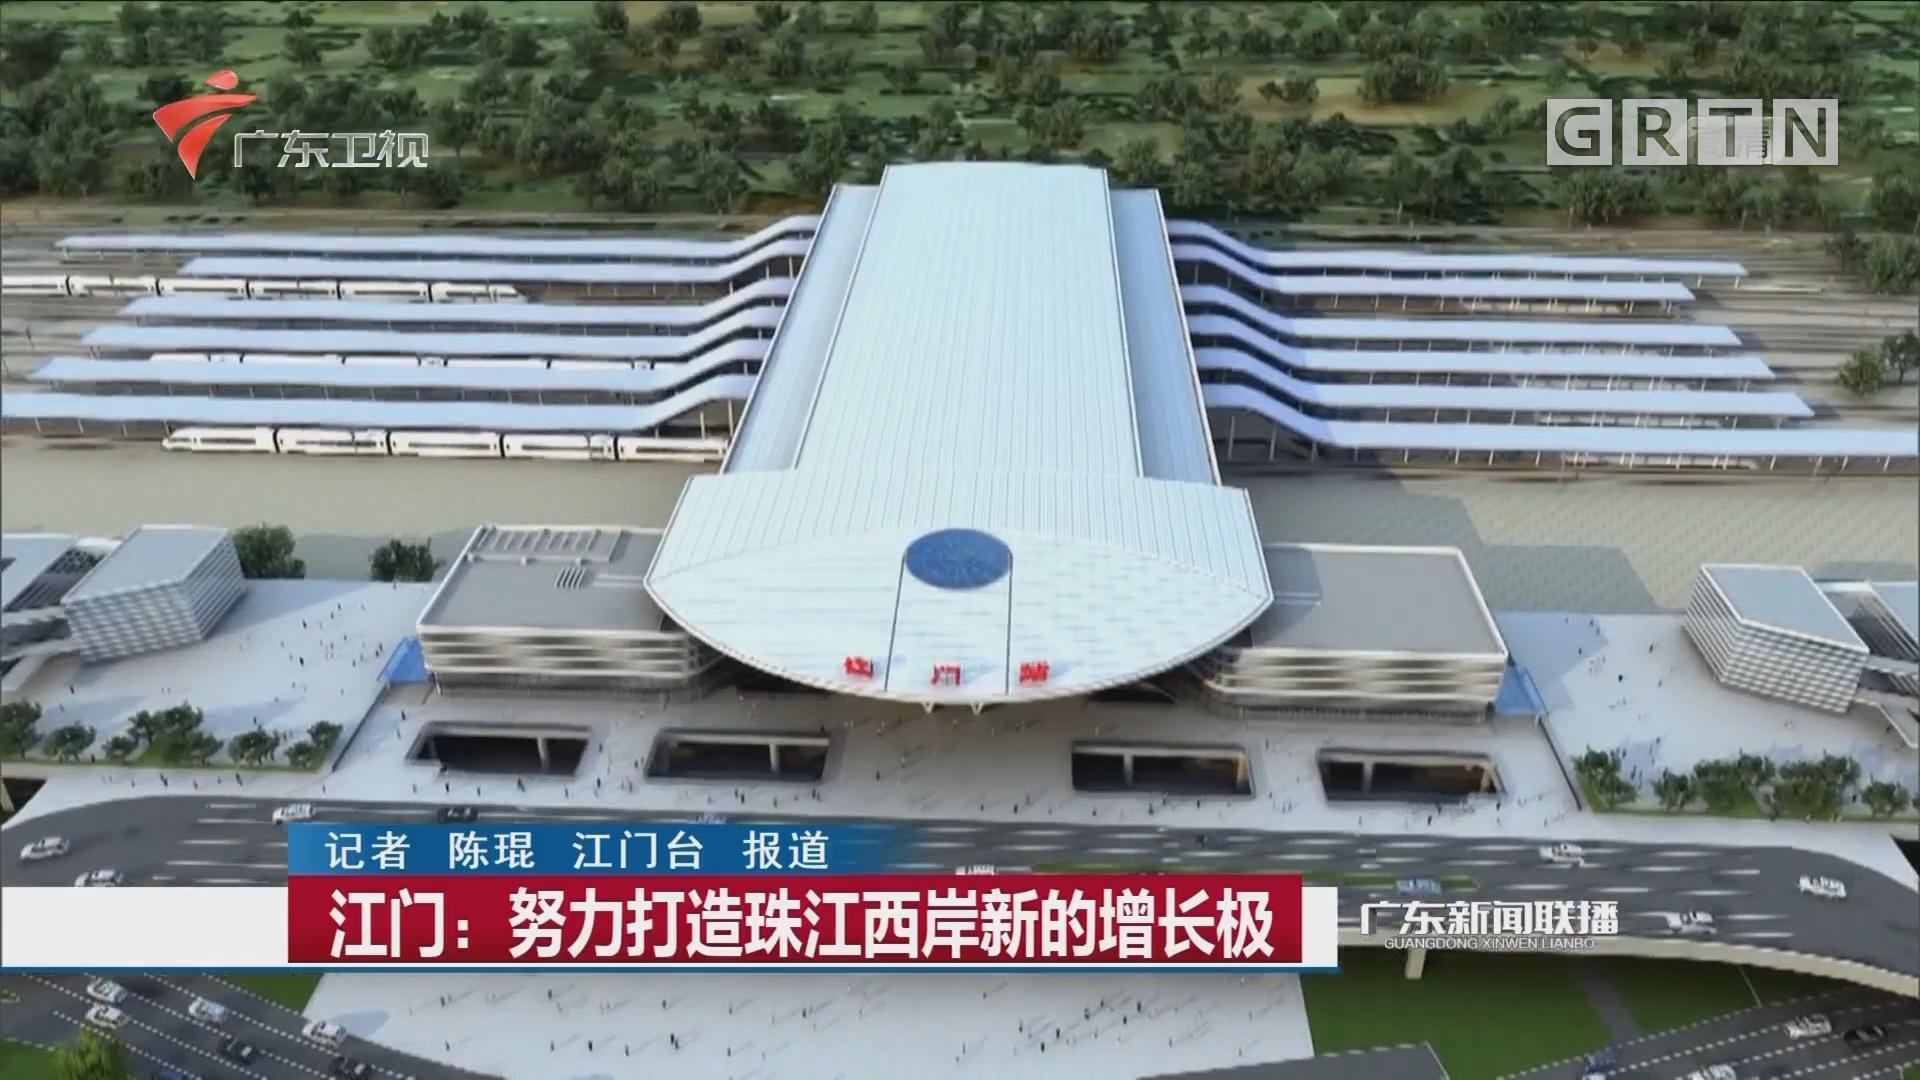 江门:努力打造珠江西岸新的增长极